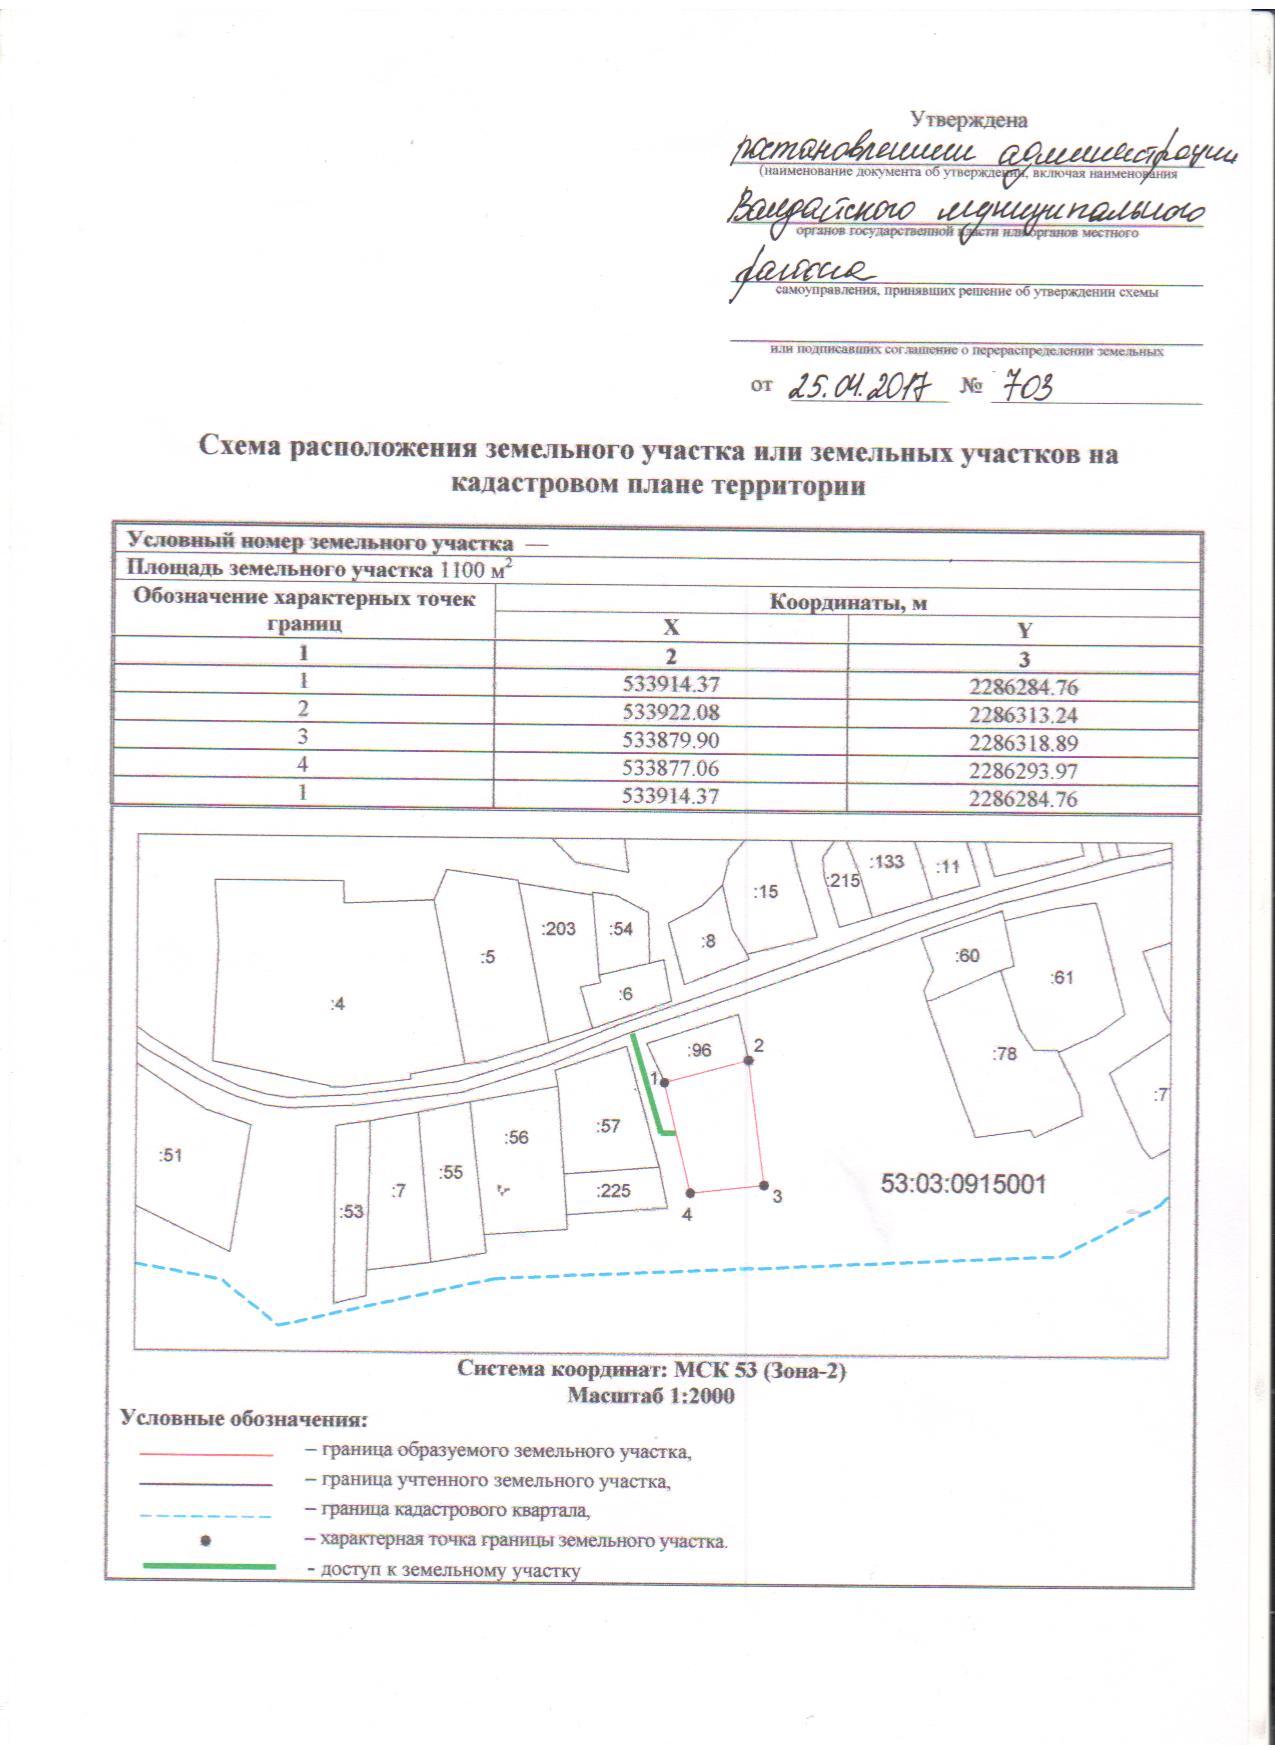 Заявлением об утверждении схемы расположения земельного участка